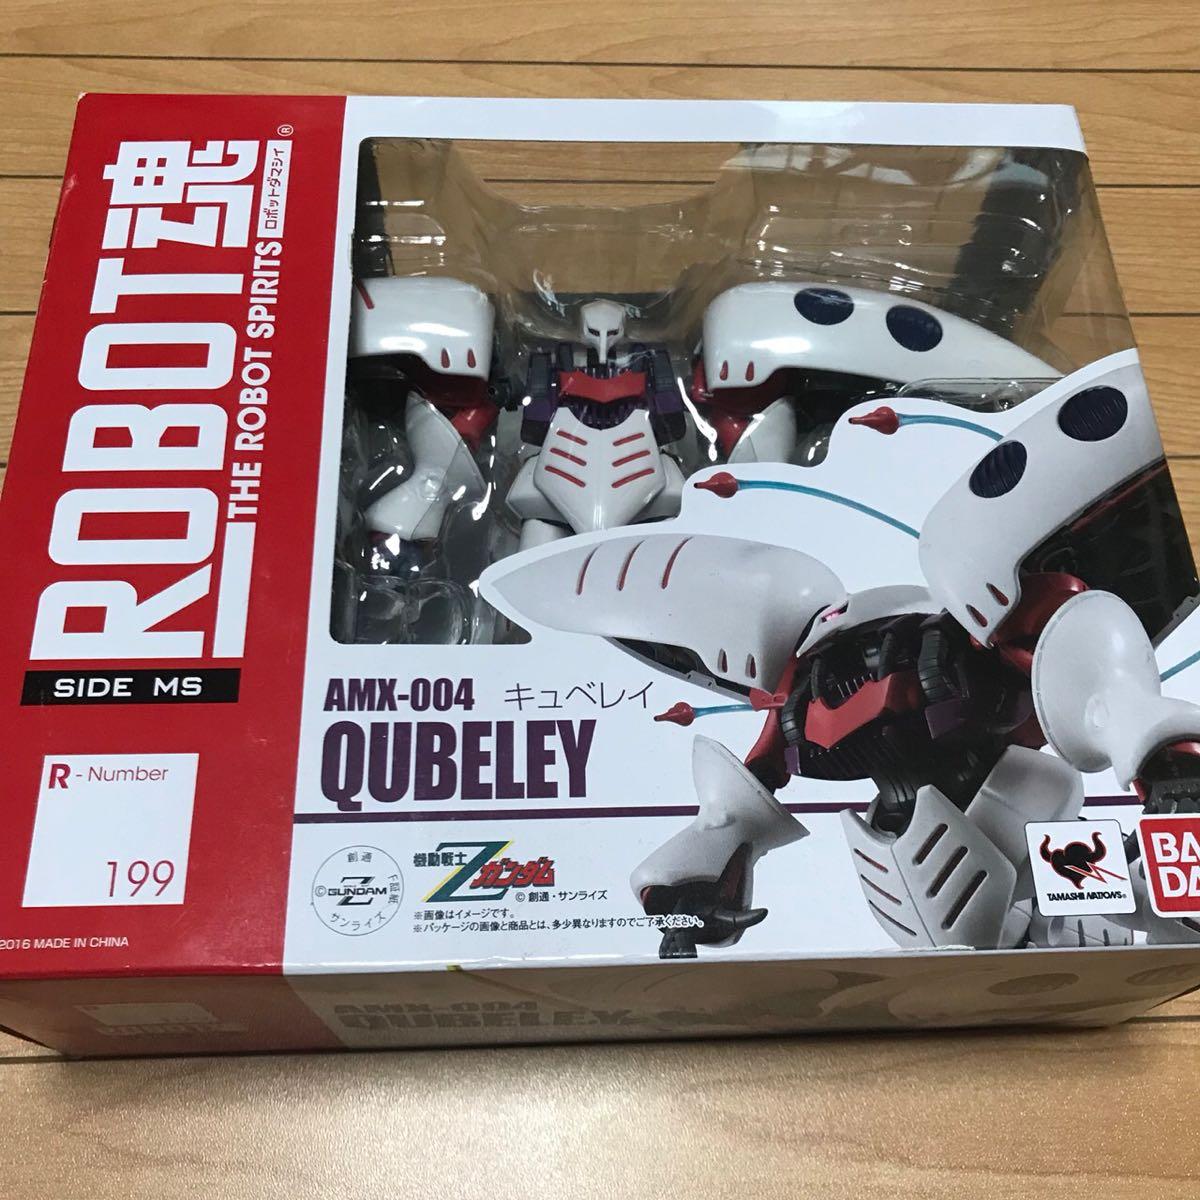 ROBOT魂 199 AMX-004 キュベレイ ハマーン・カーン QUBELEY ガンダム Zガンダム ロボット魂 新品未開封